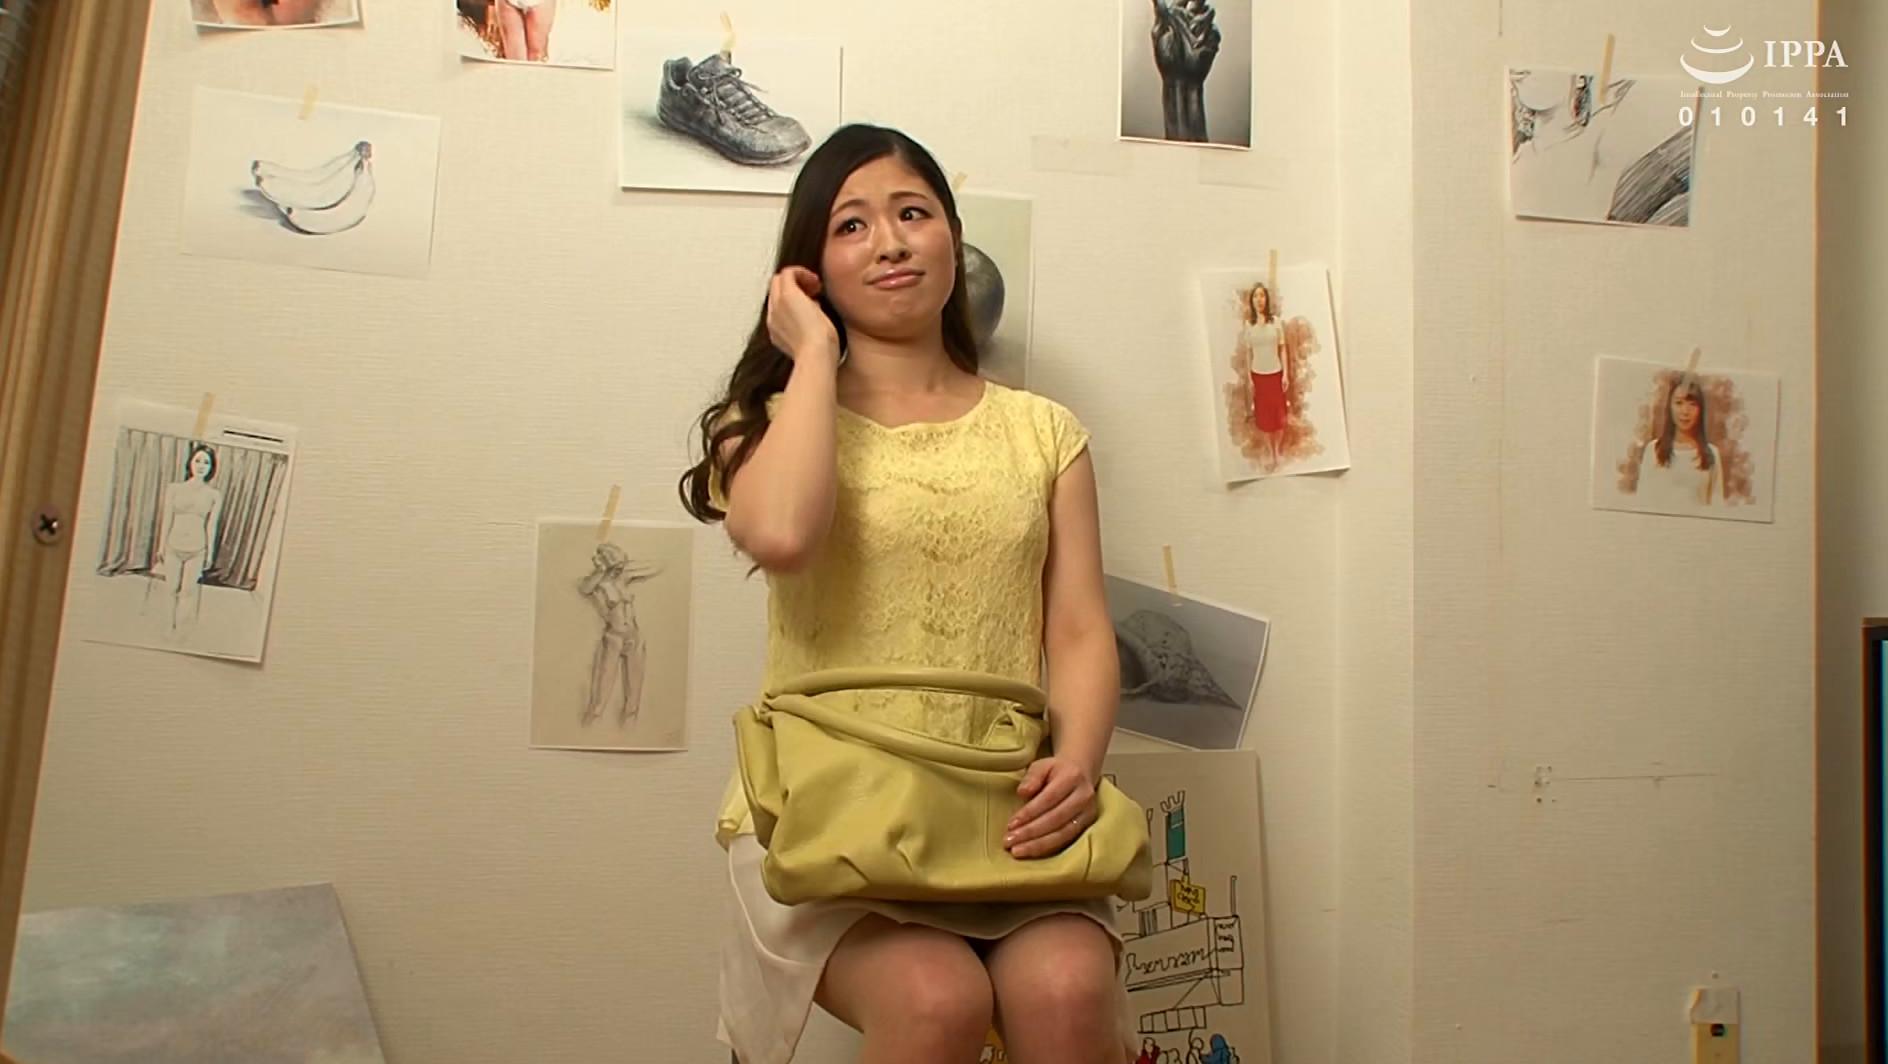 ヌードデッサンモデルの高額アルバイトでやってきた人妻さんに男根挿入して種付けSEXするビデオ 総集編 20人8時間 画像6